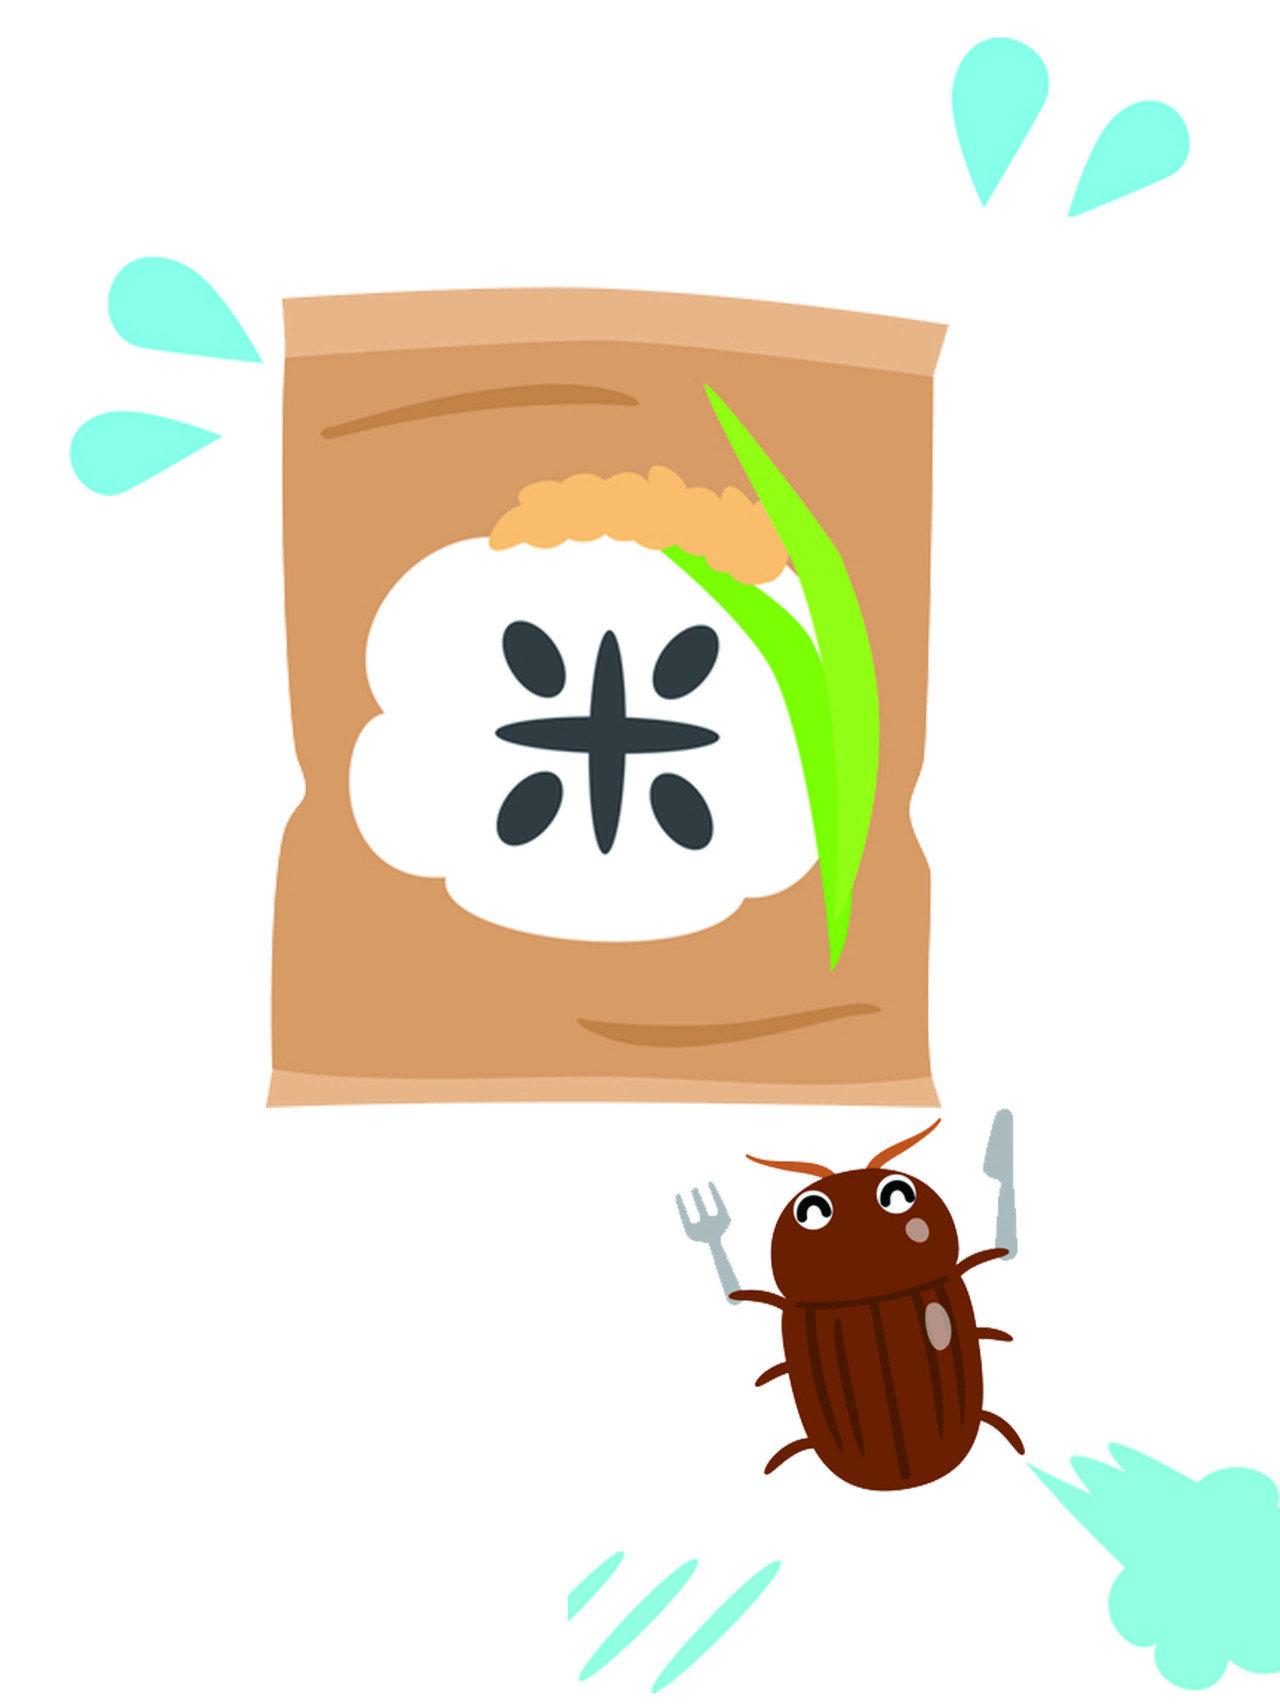 穀蠹的幼蟲與成蟲都會危害穀物,幼蟲在一孵化後即會開始啃食穀粒內部,老熟幼蟲甚至在穀粒內化蛹,對穀物造成汙染。蟲蛹約需4~5日羽化成蟲,穀蠹成蟲會在穀粒間移動,就是我們看到的「米蟲」。